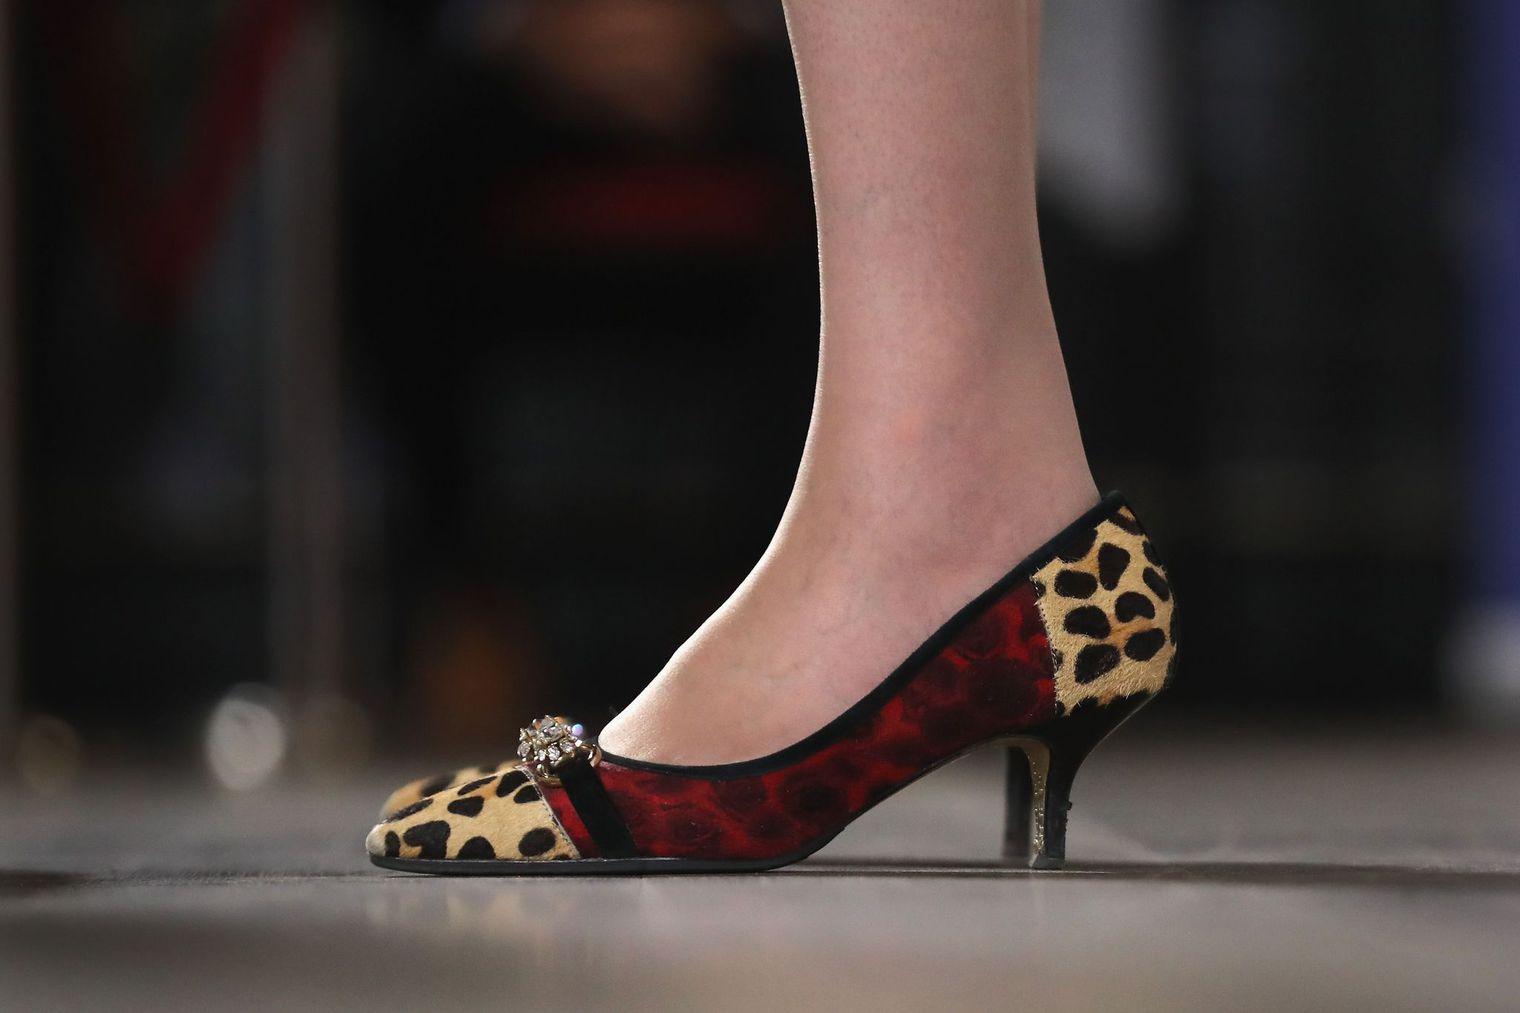 Theresa May, la nouvelle Première ministre britannique se remarque par ses chaussures